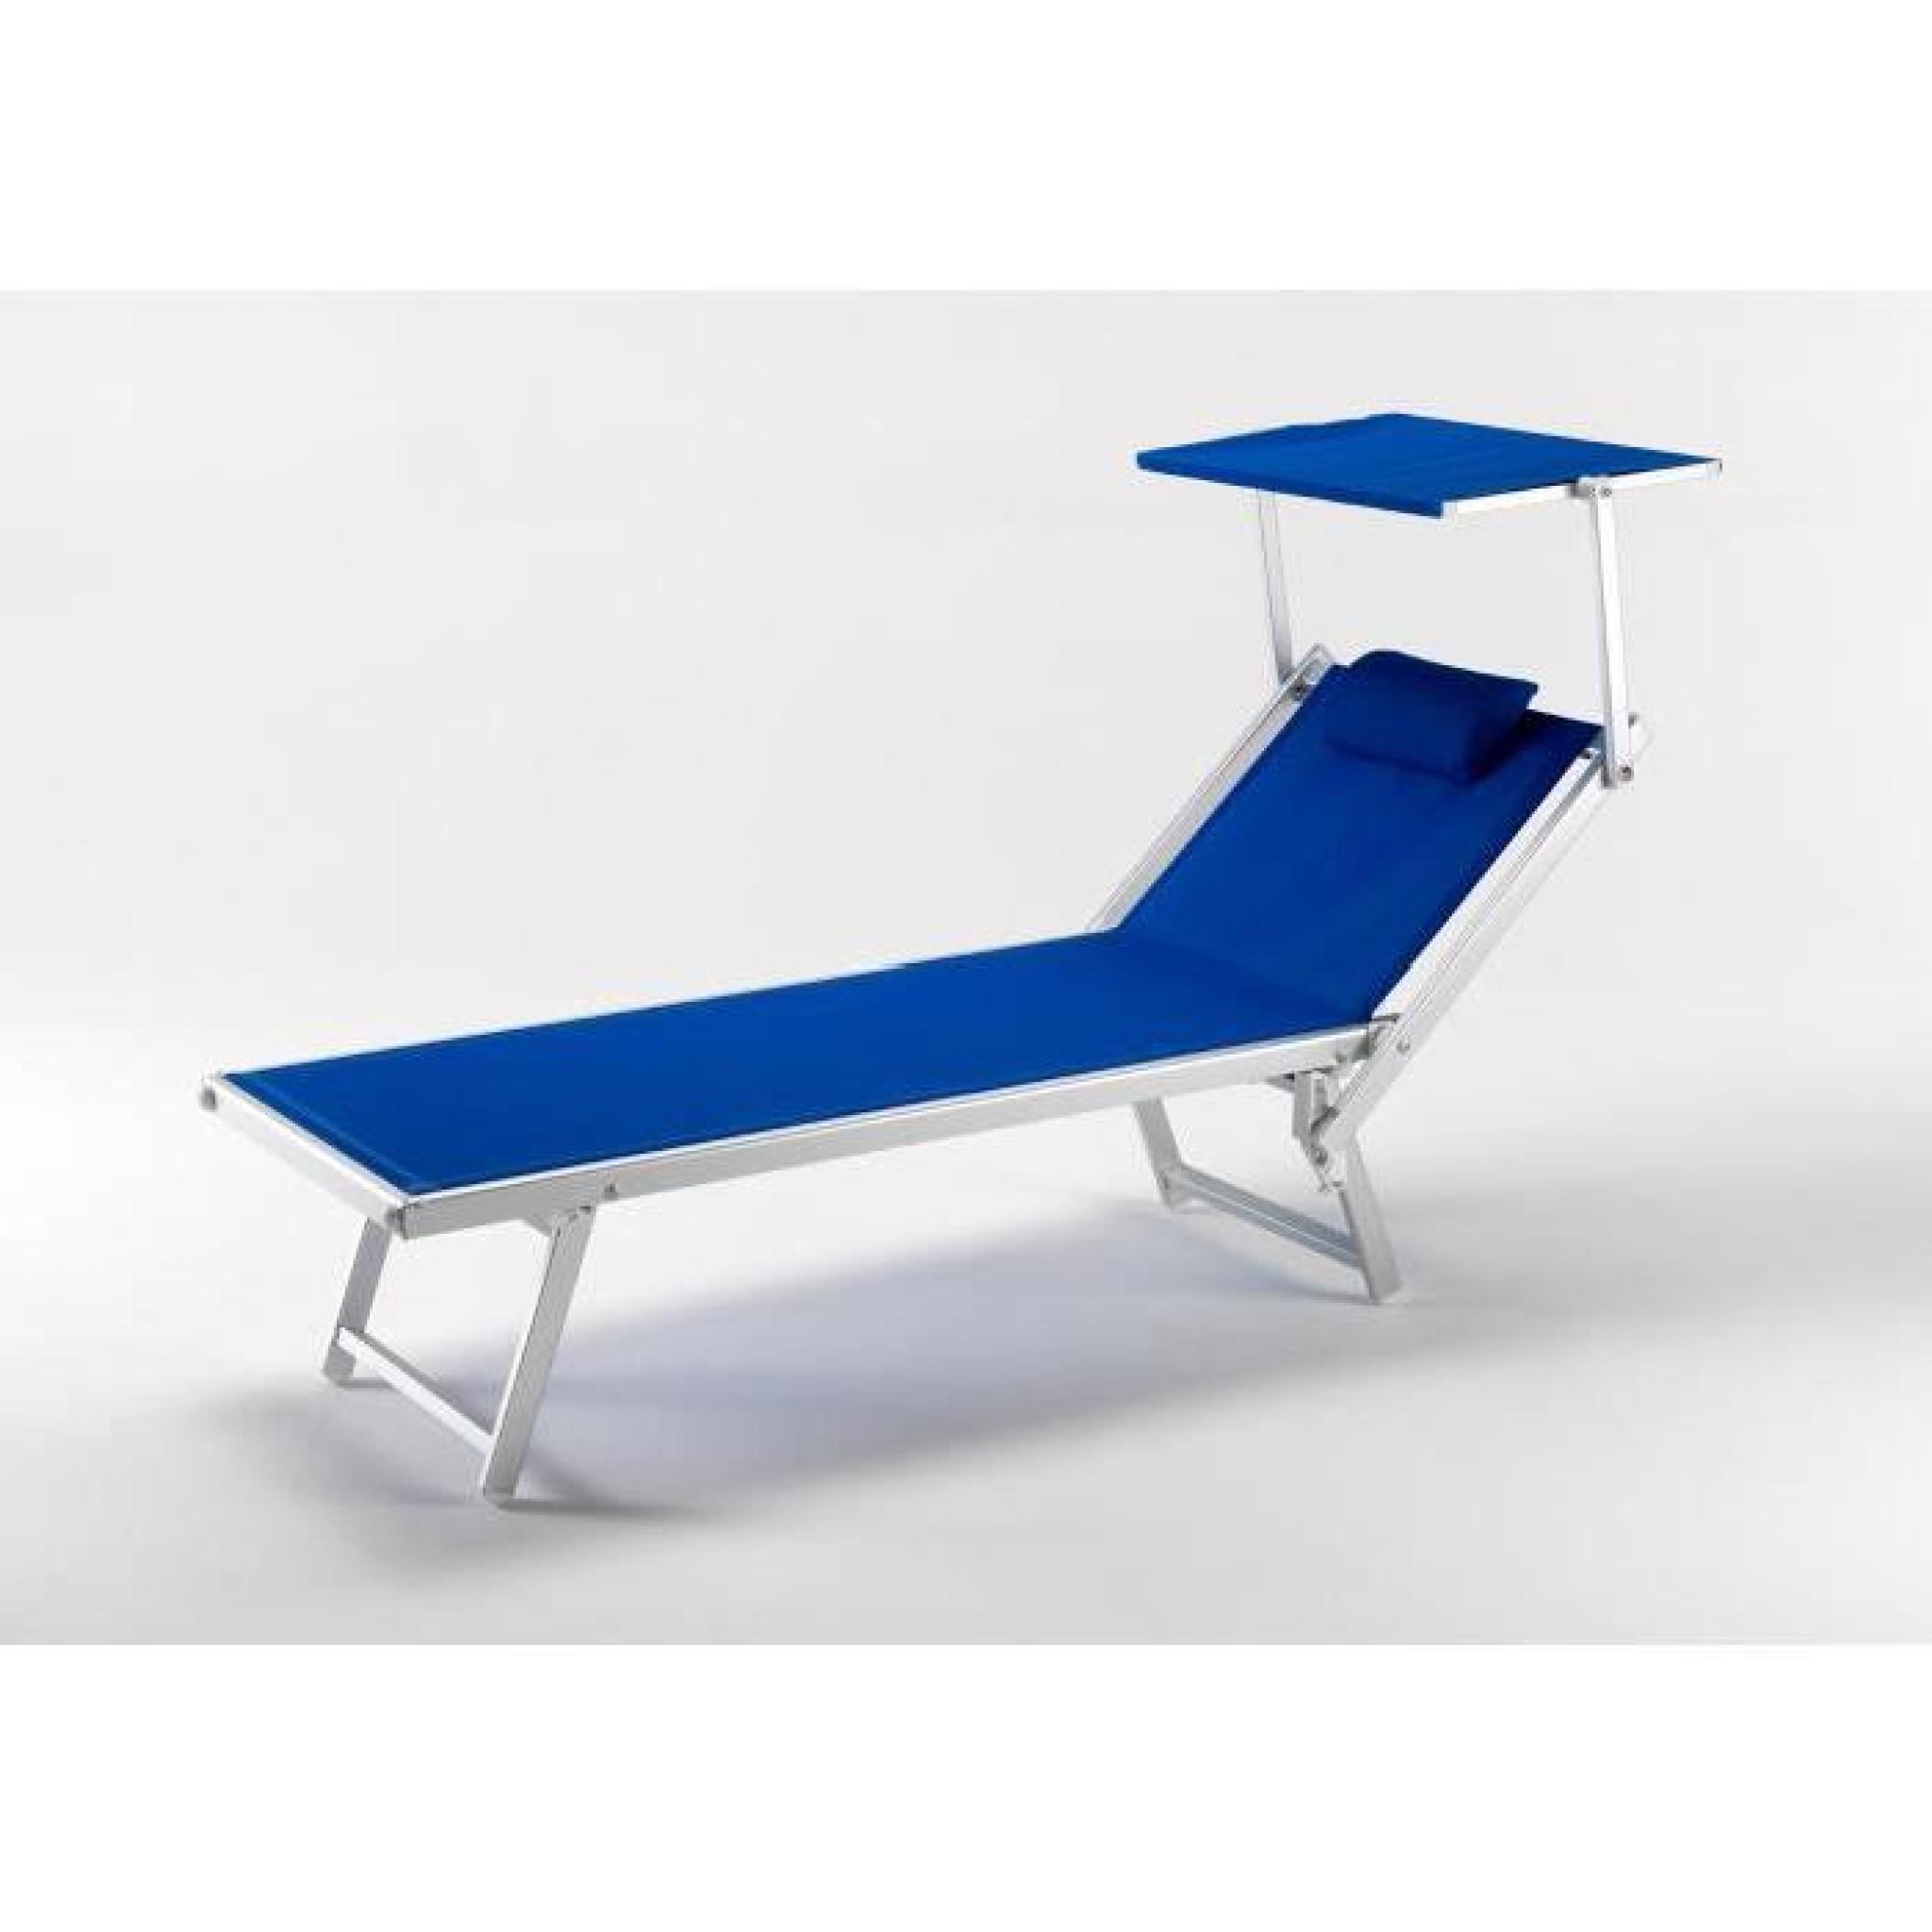 Bain De Soleil Professionnel Lit De Plage Chaise Longue Piscine Aluminium  Italia pour Bain De Soleil Piscine